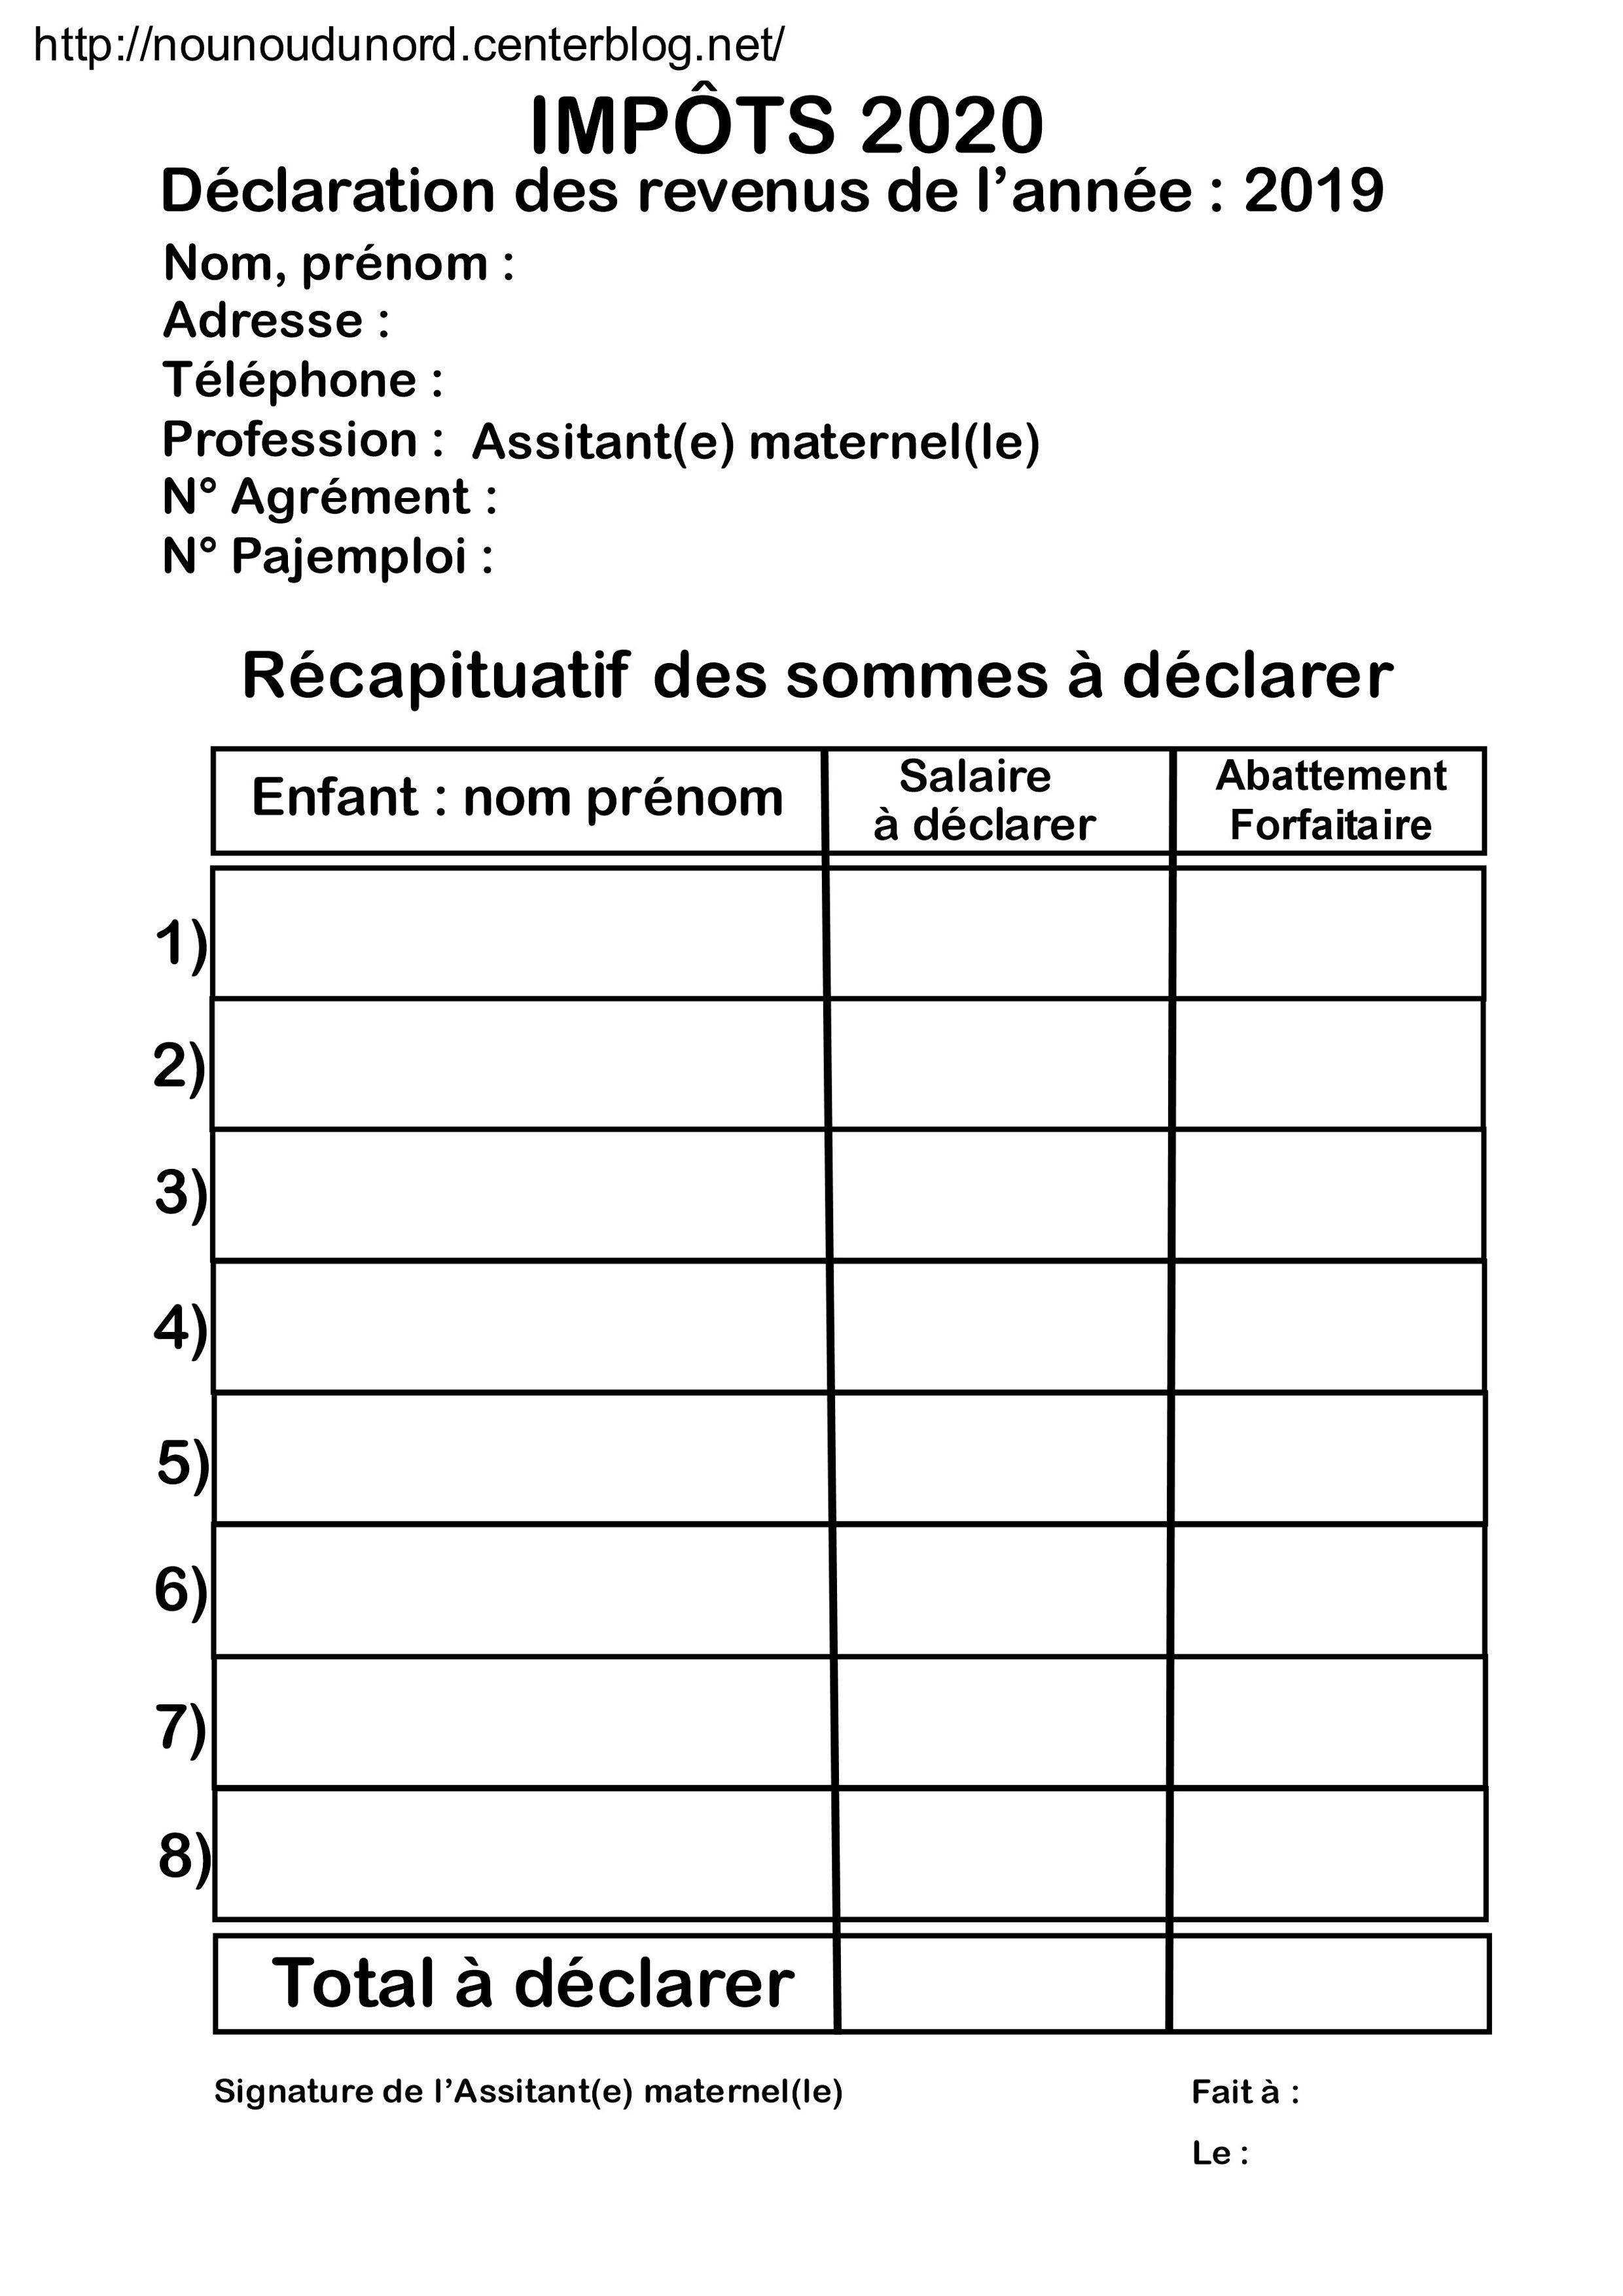 Impots 2020 Tableaux De Declaration Des Revenus 2019 Impot